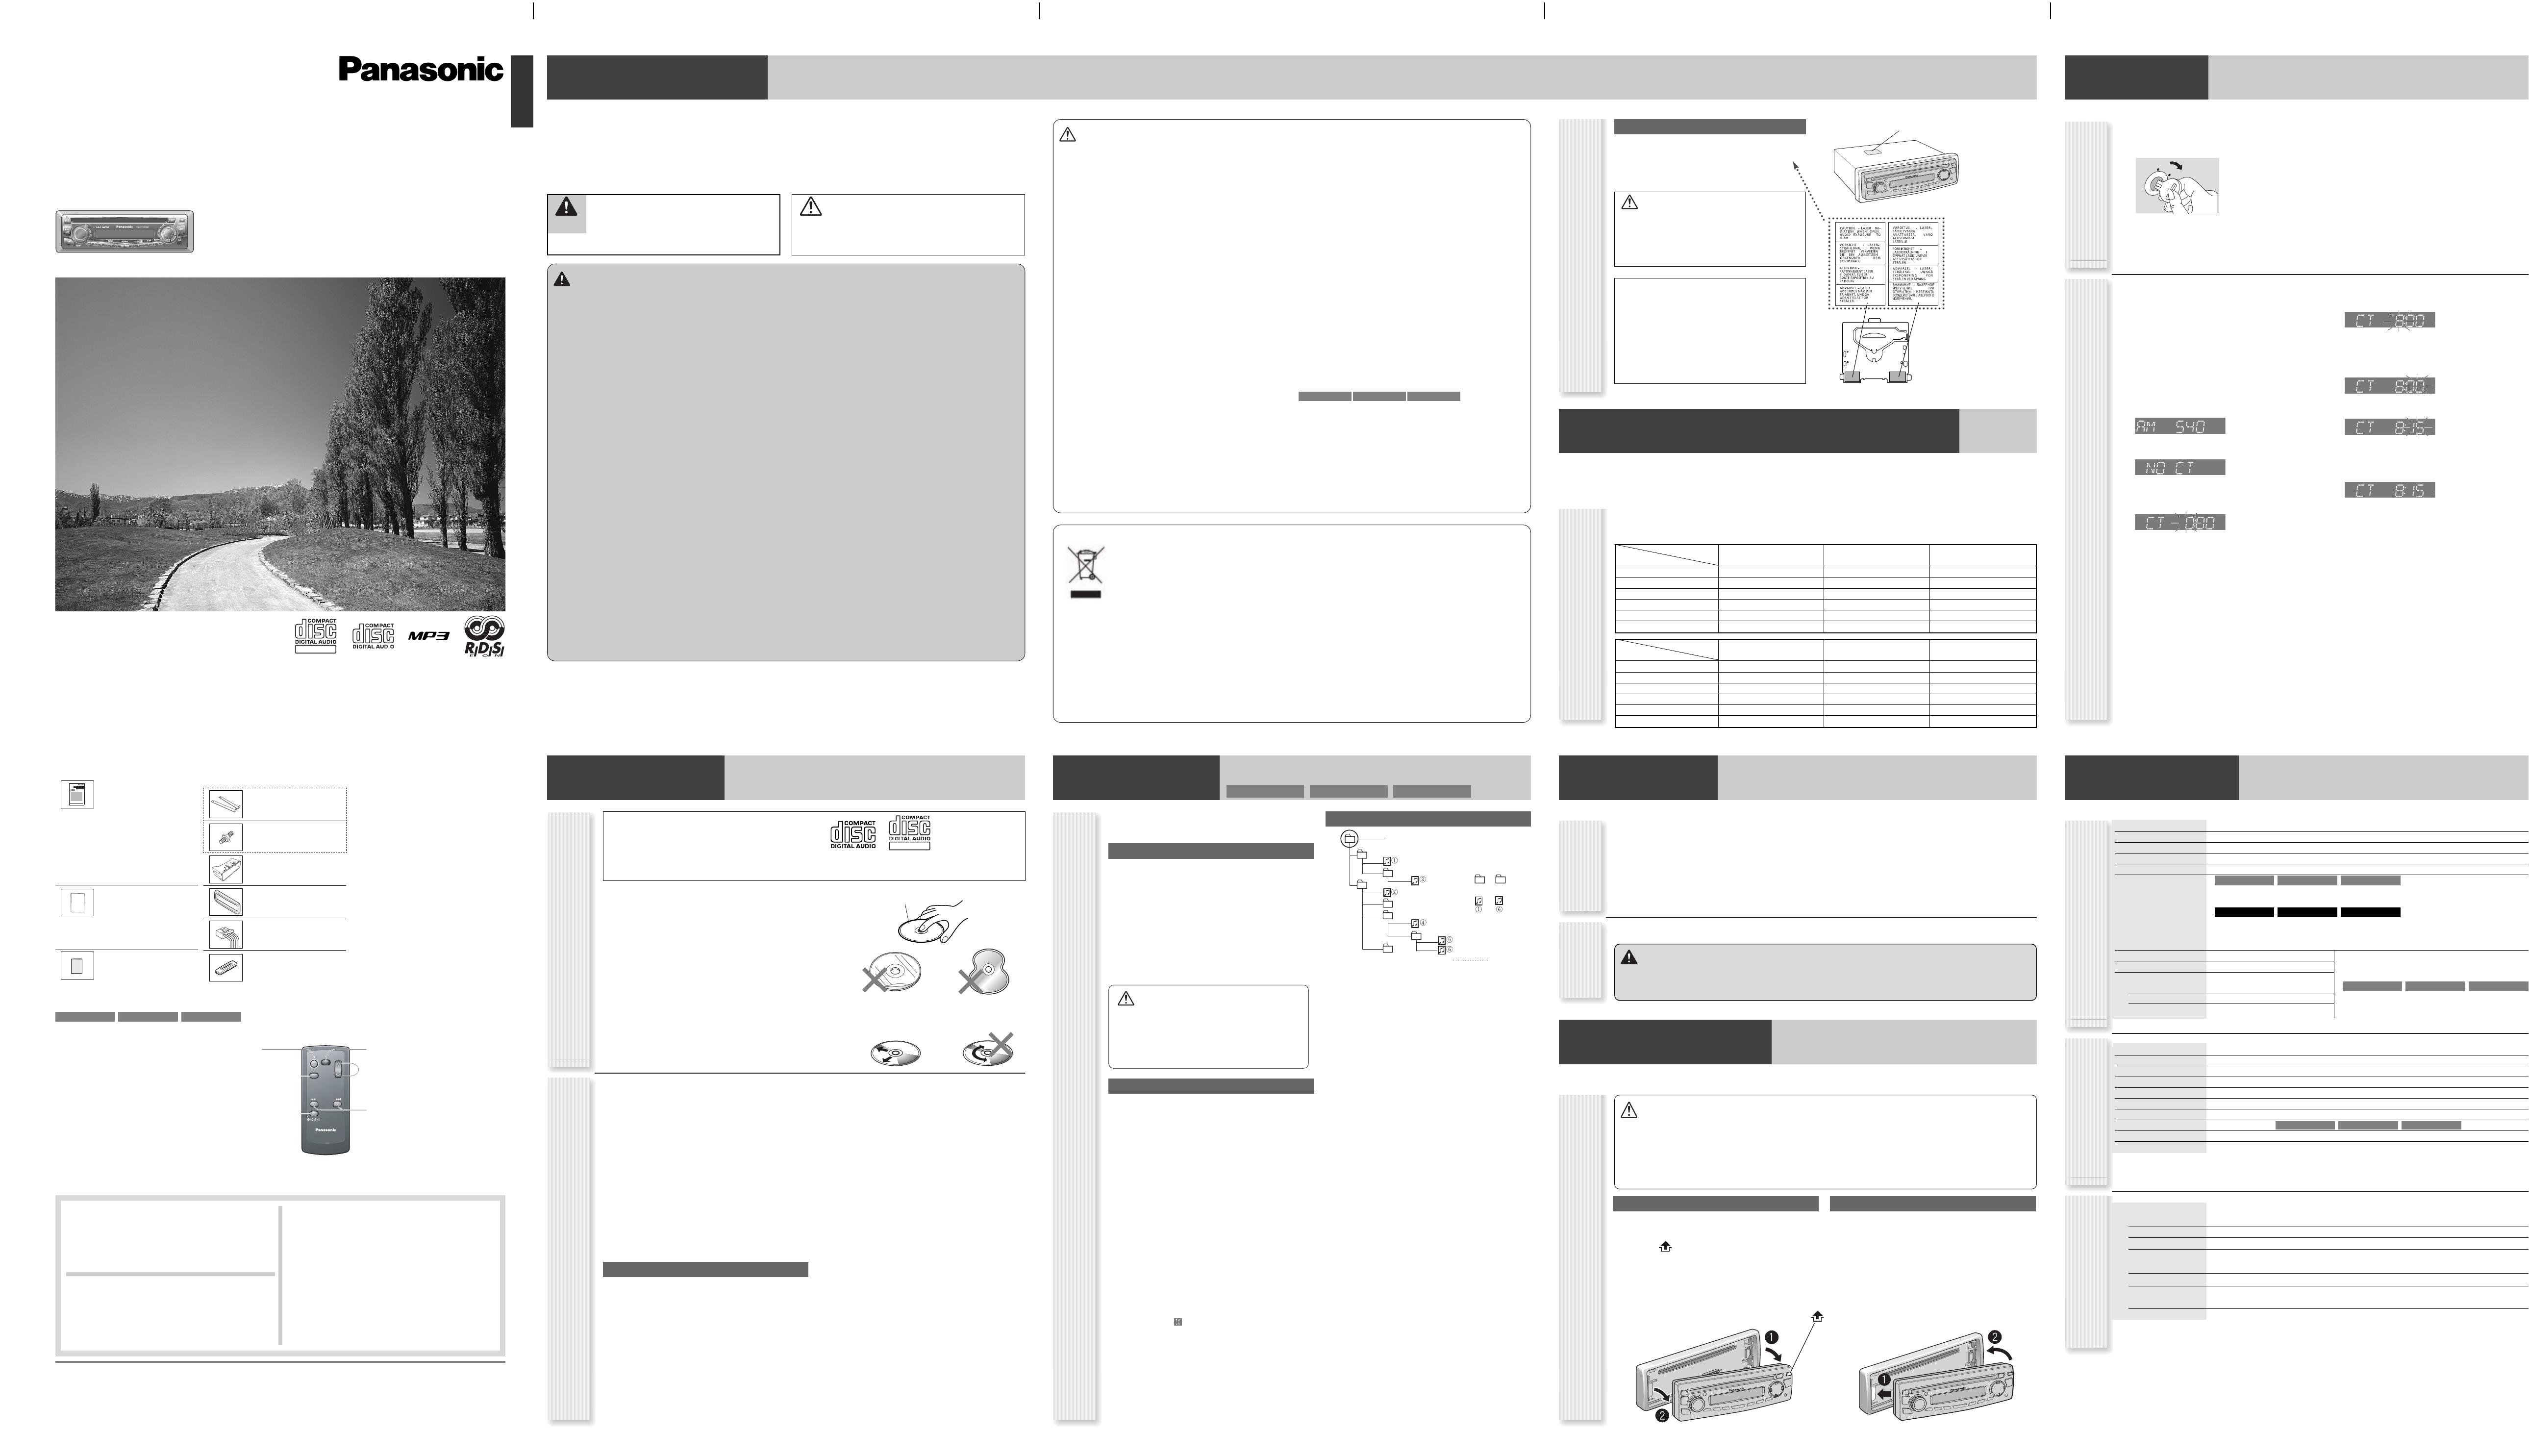 Handleiding Panasonic cq-c1303 (pagina 1 van 4) (English)